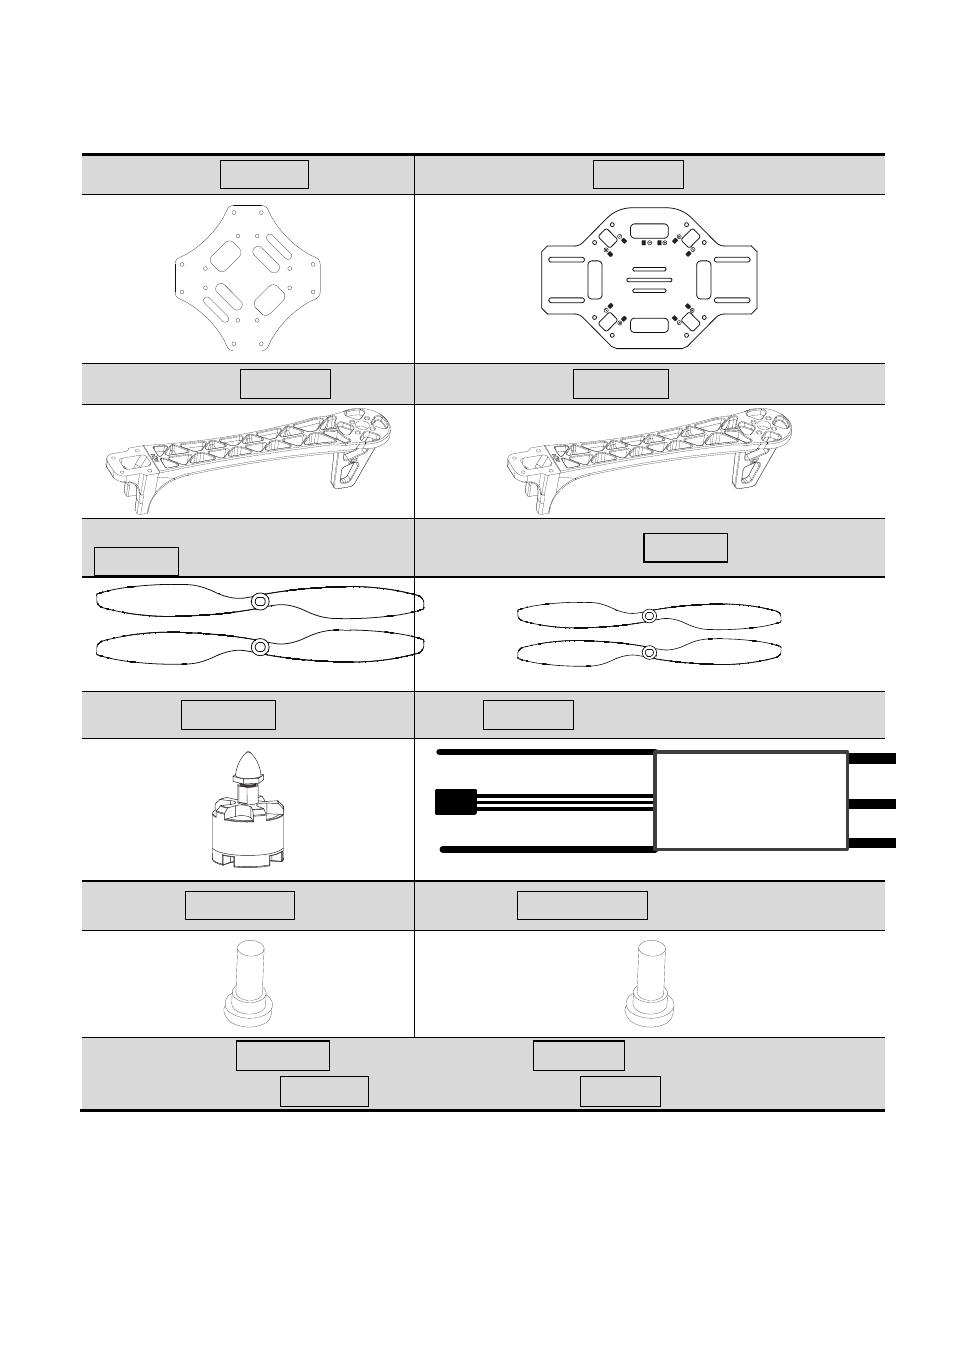 In box | DJI F450 v2 0 User Manual | Page 4 / 7 | Original mode